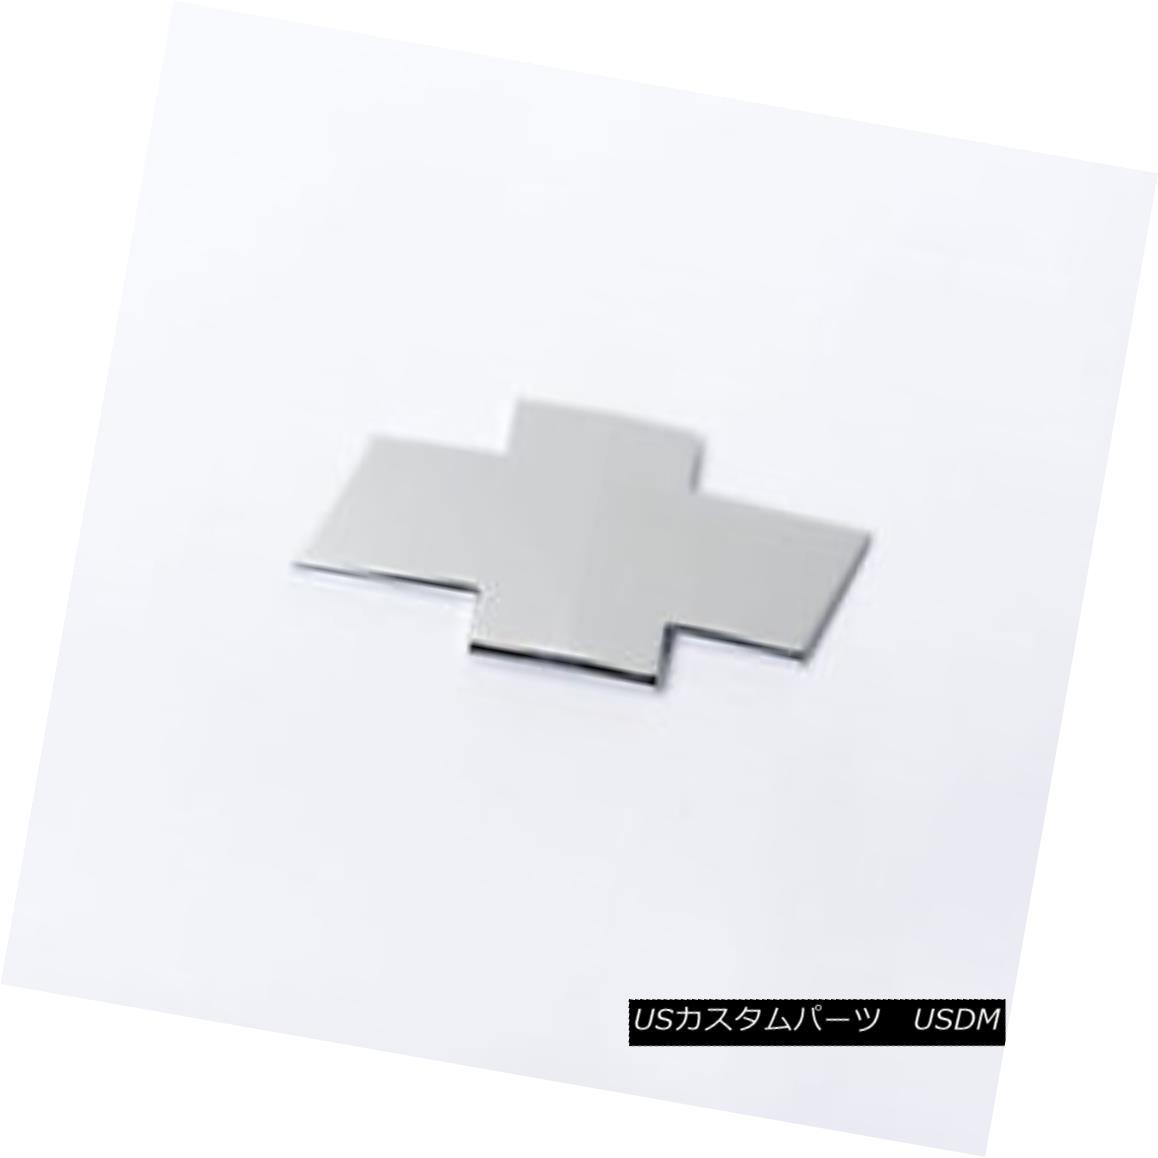 グリル PUTCO 99993GMC - Emblem Kit Fits 11-14 Chevy Silverado 2500/3500 - Chrome PUTCO 99993GMC - エンブレムキットは11-14 Chevy Silverado 2500/3500に適合